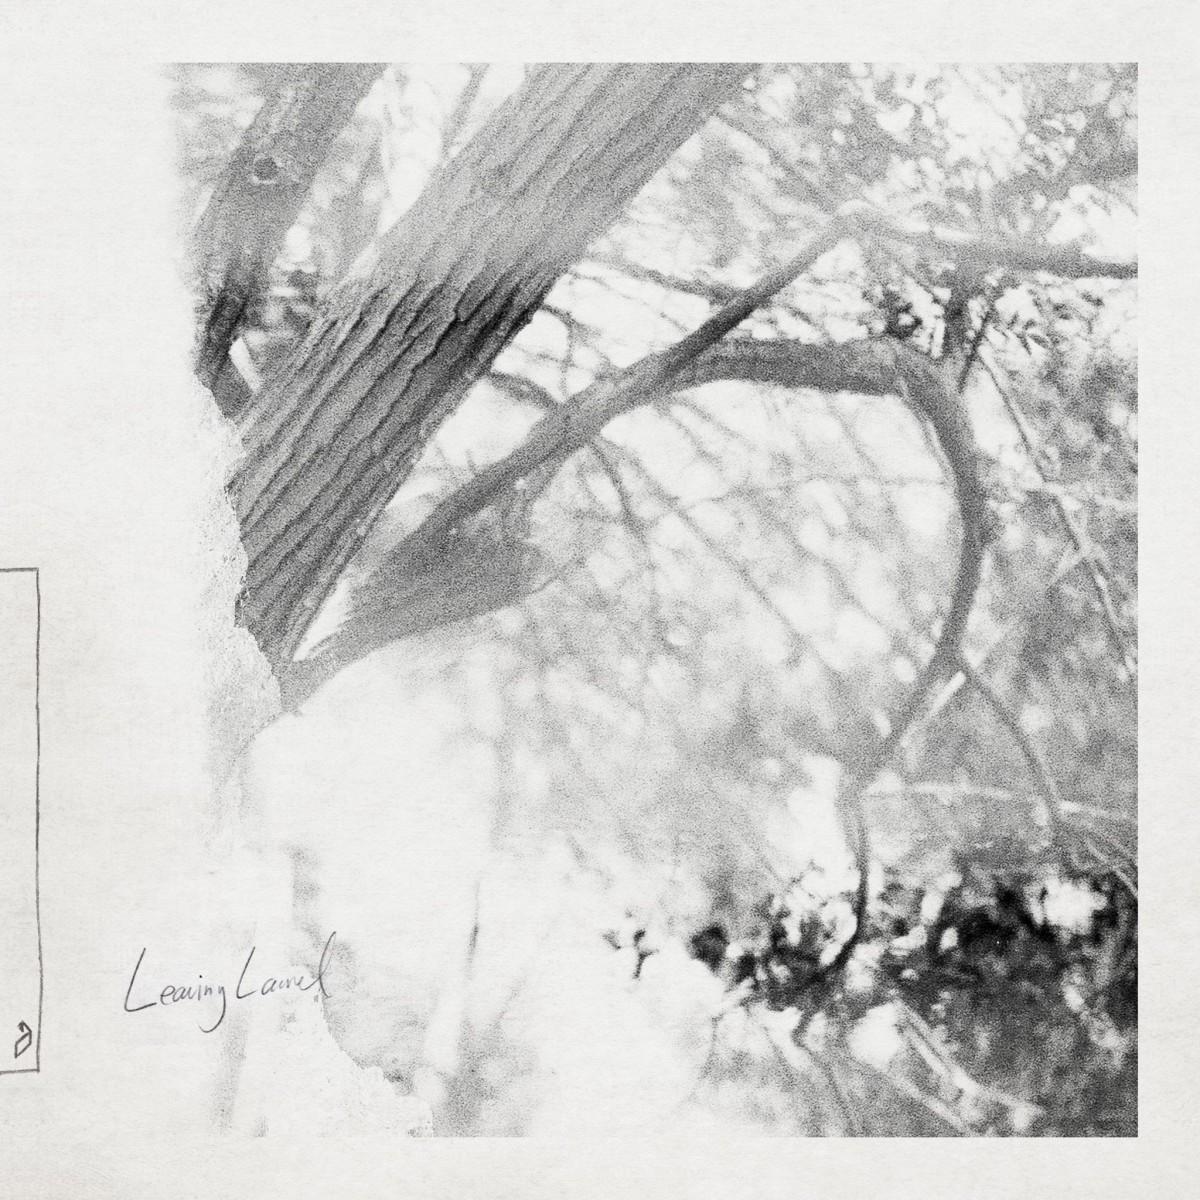 Leaving Laurel Album Cover Photo